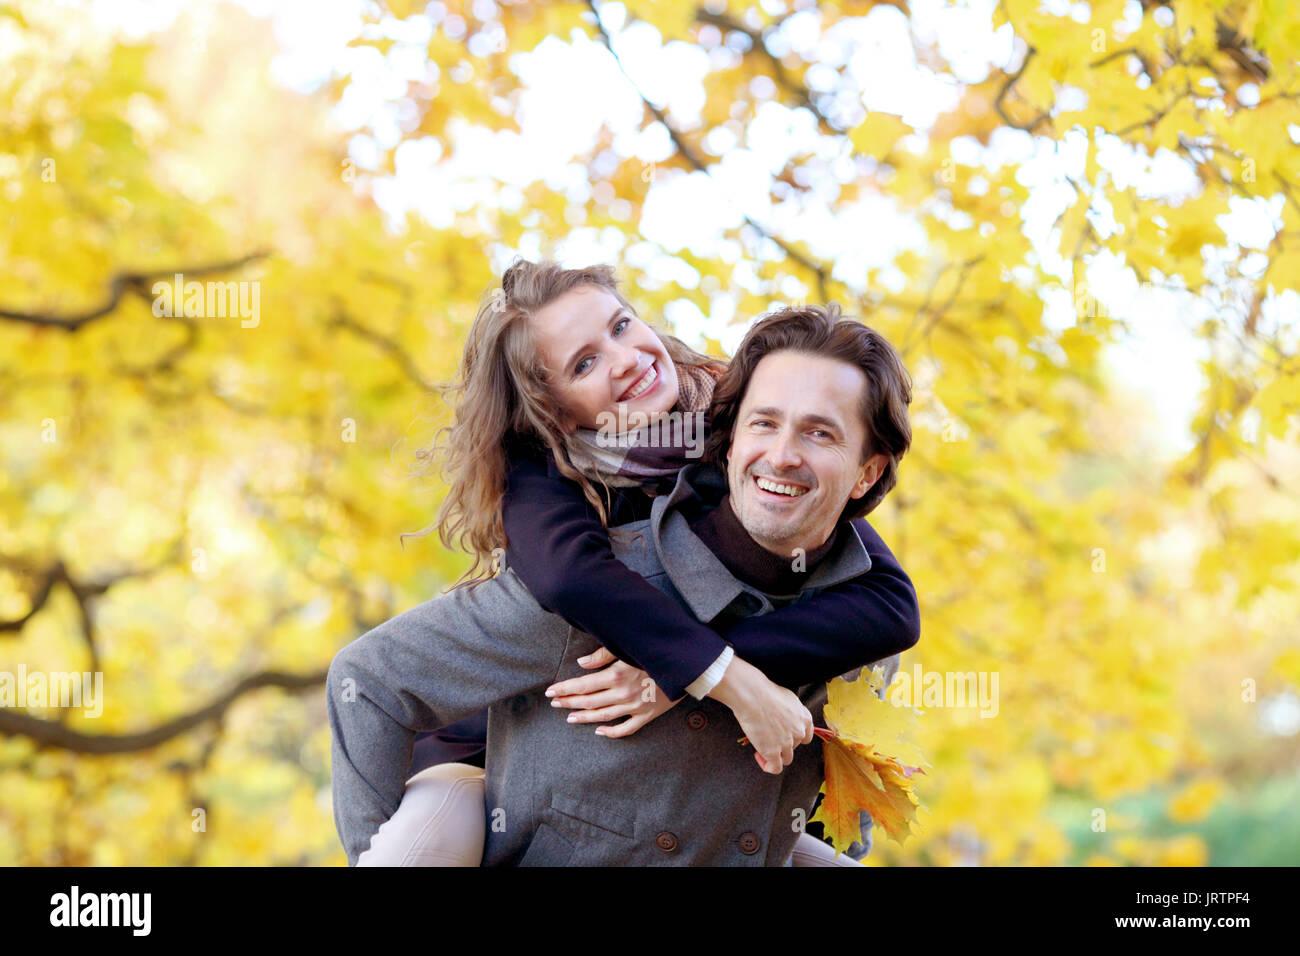 Amore, relazioni stagione e concetto di persone - felice coppia giovane divertendosi in autunno park piggyback ride Immagini Stock